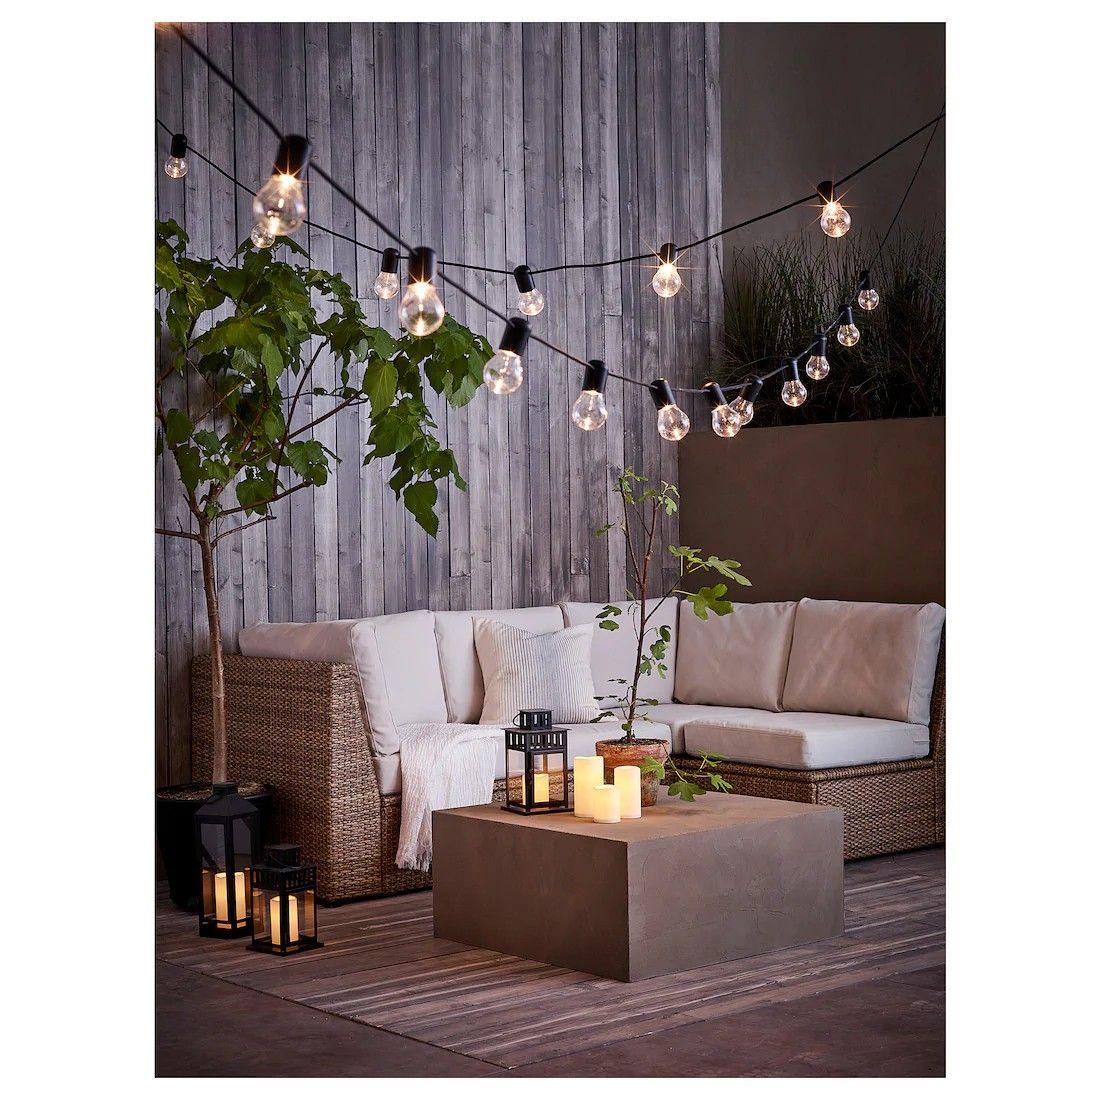 Idee von BLYE auf Balcones in 2020 Lounge möbel, Ikea